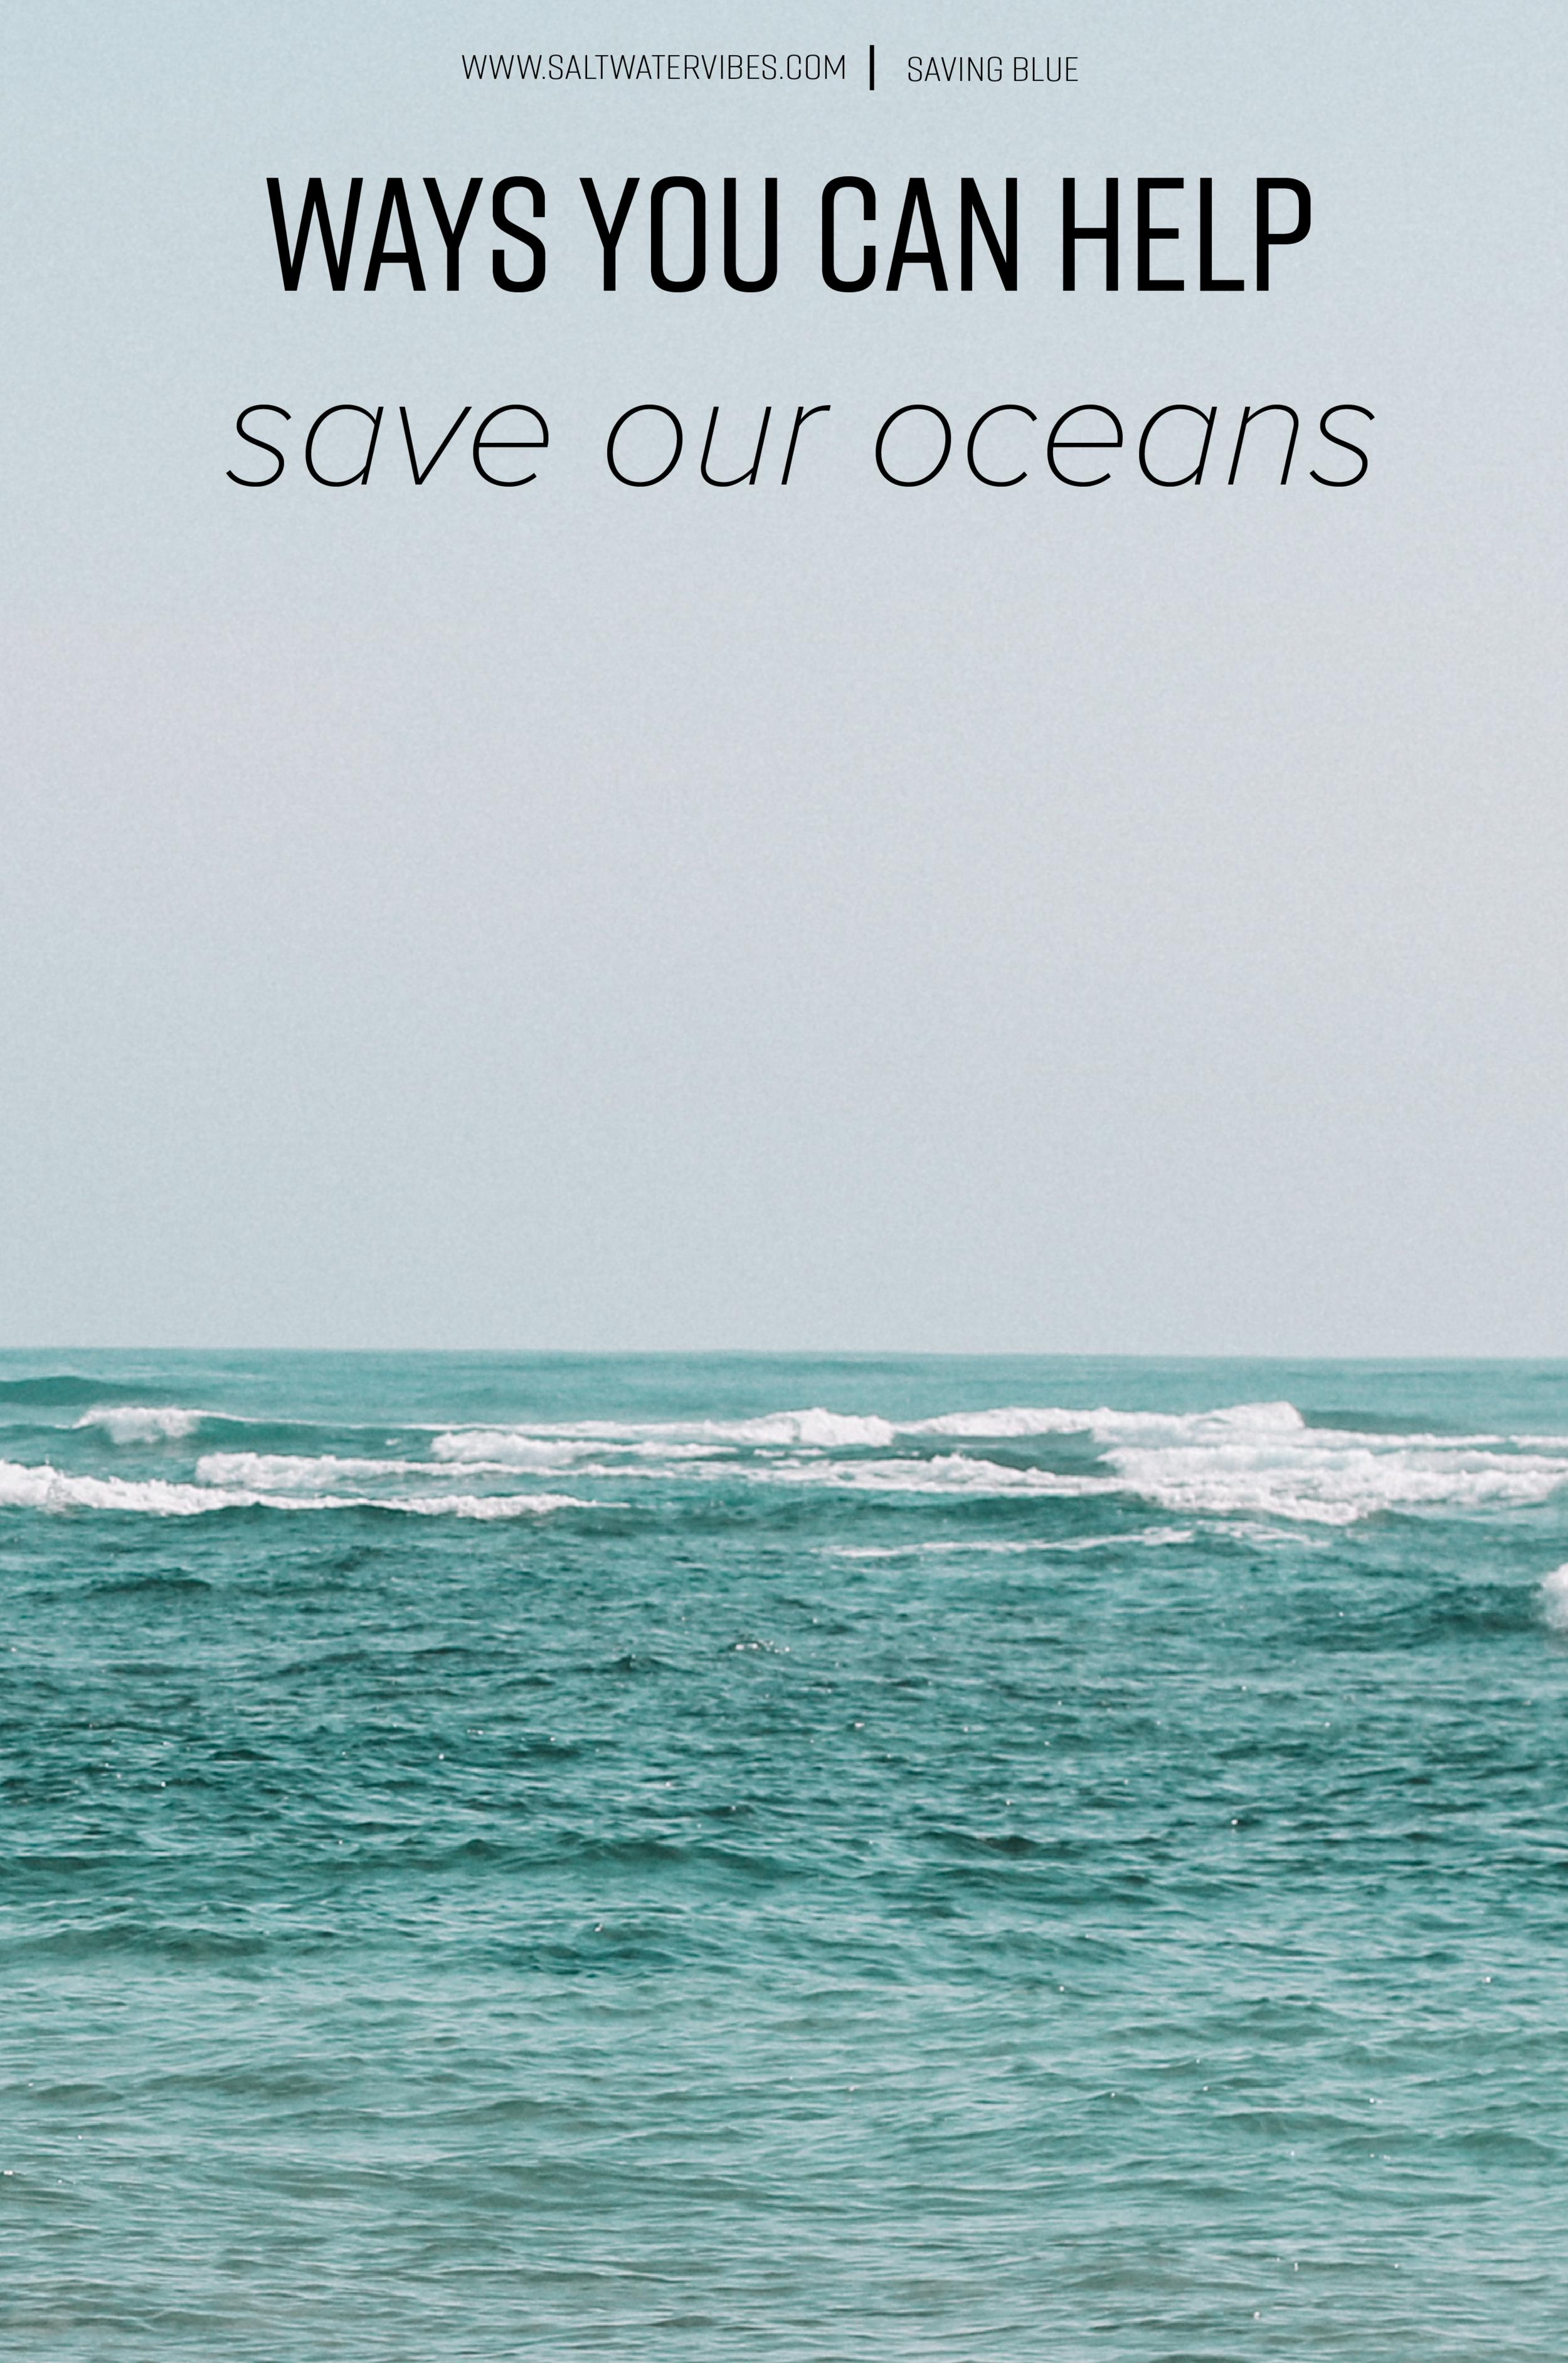 Change: Plastic Oceans + SaltWaterVibes